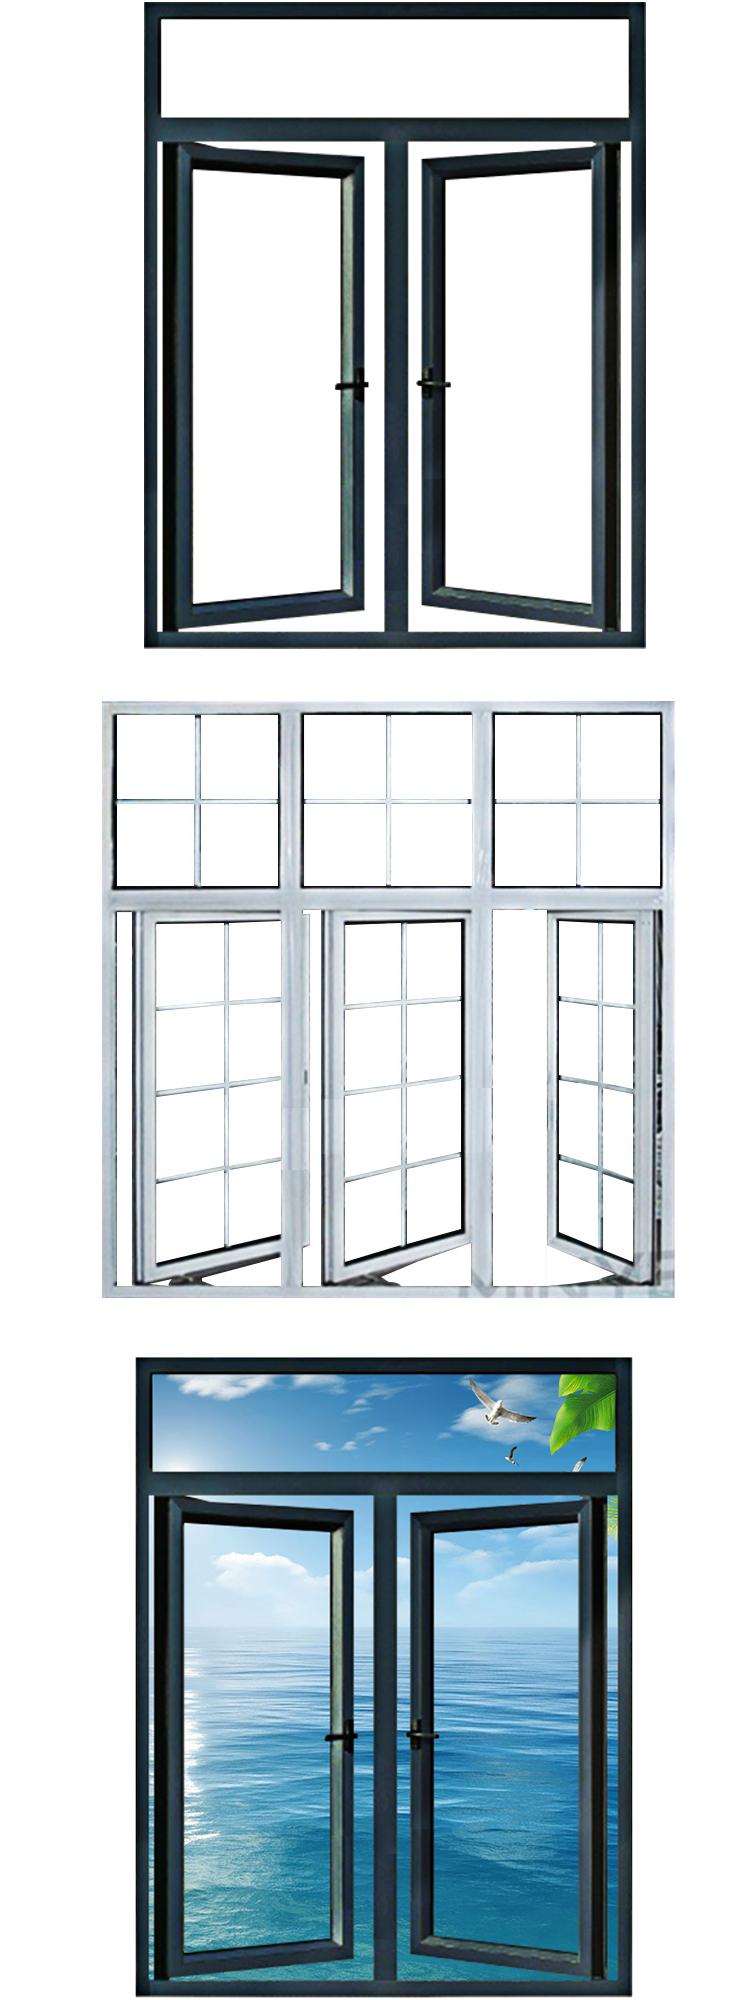 aluminum window7